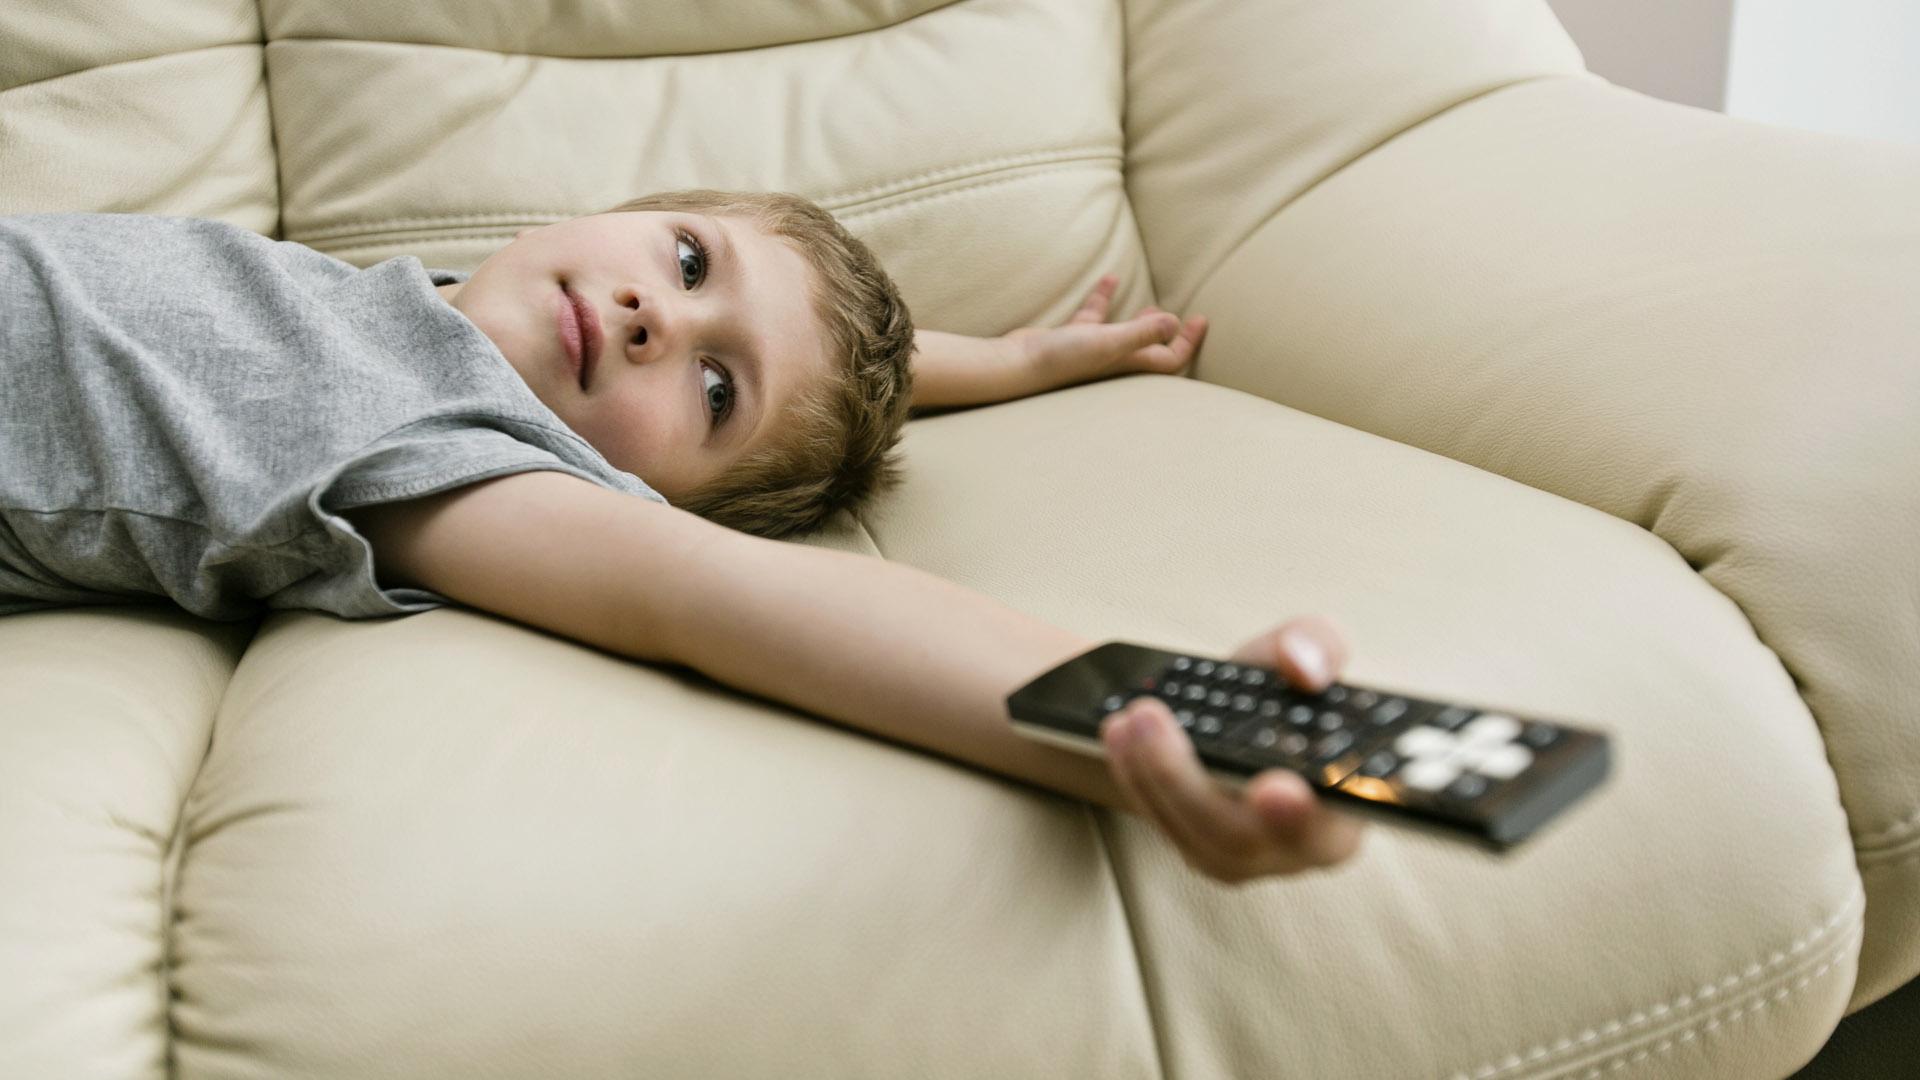 El estudio explica que los infantes deben enfocarse en actividades recreativas para tener un desarrollo equilibrado